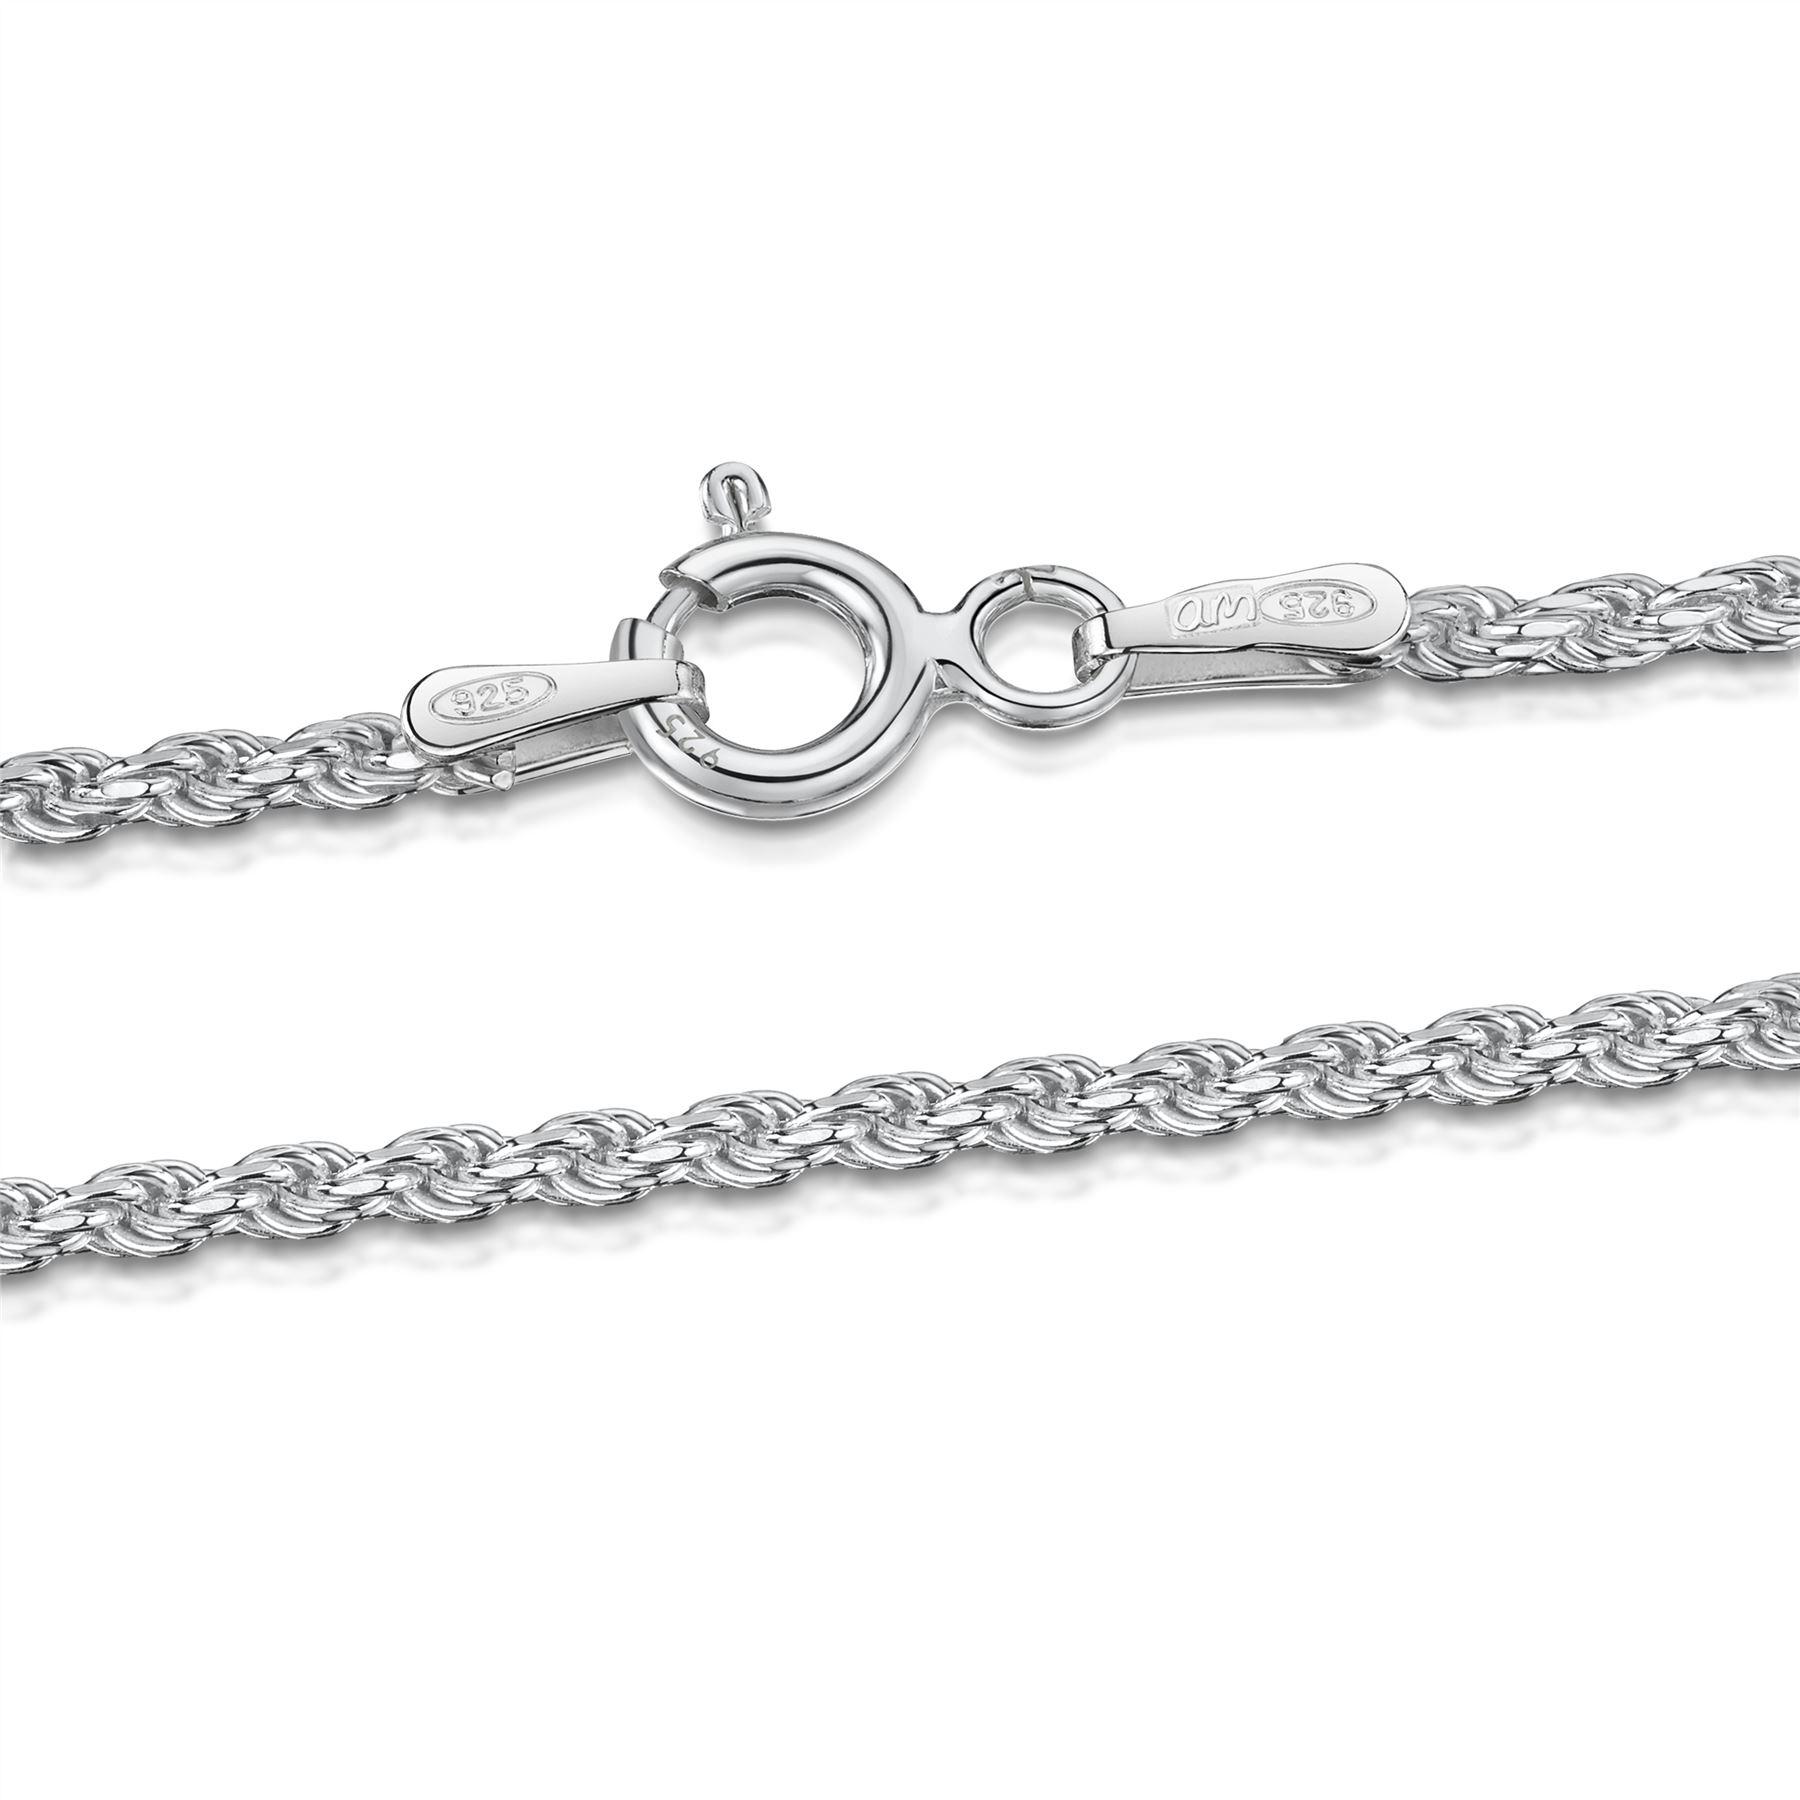 Amberta-Bijoux-Bracelet-en-Vrai-Argent-Sterling-925-Chaine-pour-Femme-a-la-Mode thumbnail 28